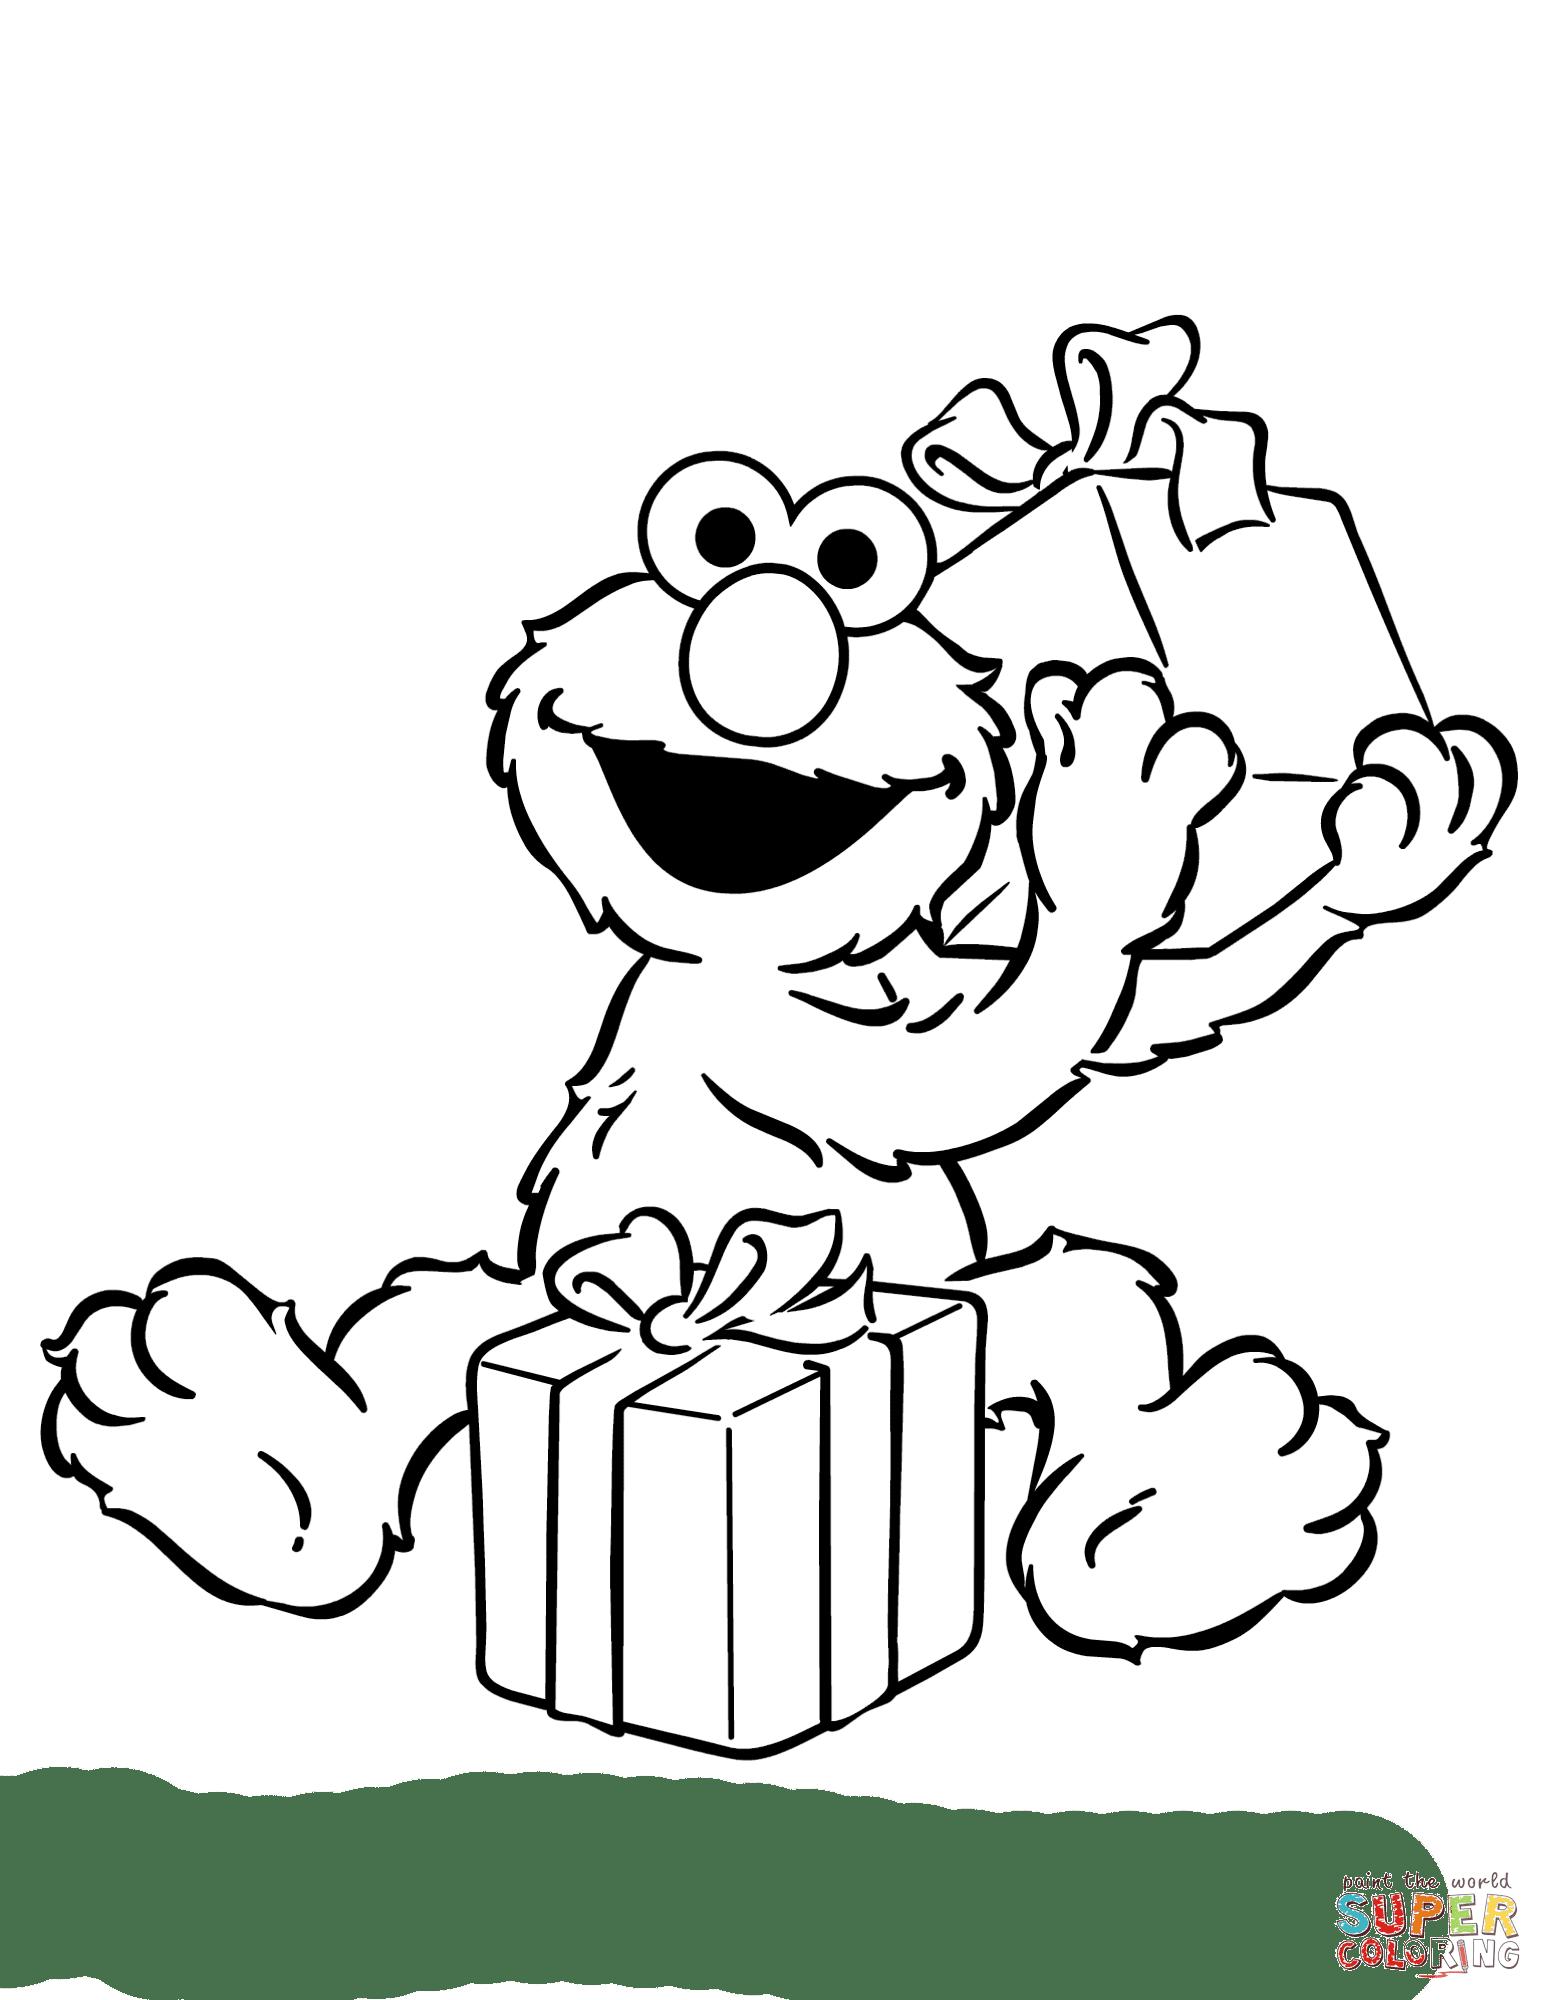 Klick das Bild Elmo öffnet Geburtstagsgeschenke